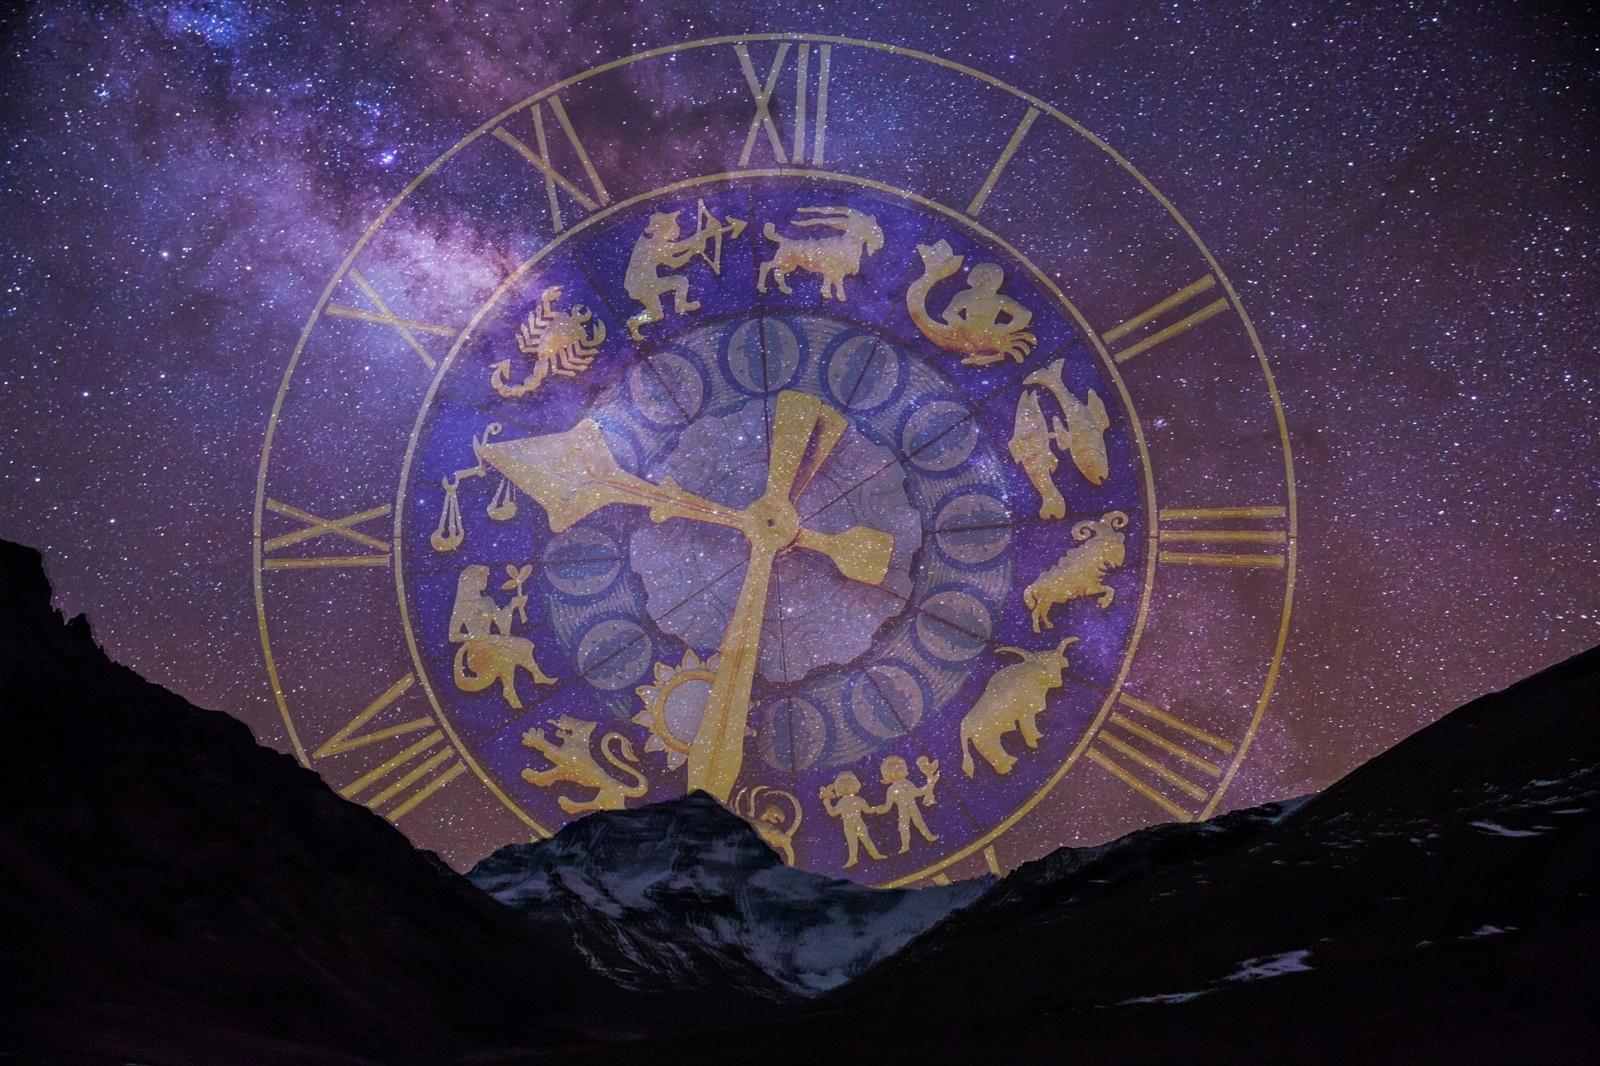 Šios savaitės astrologinė prognozė